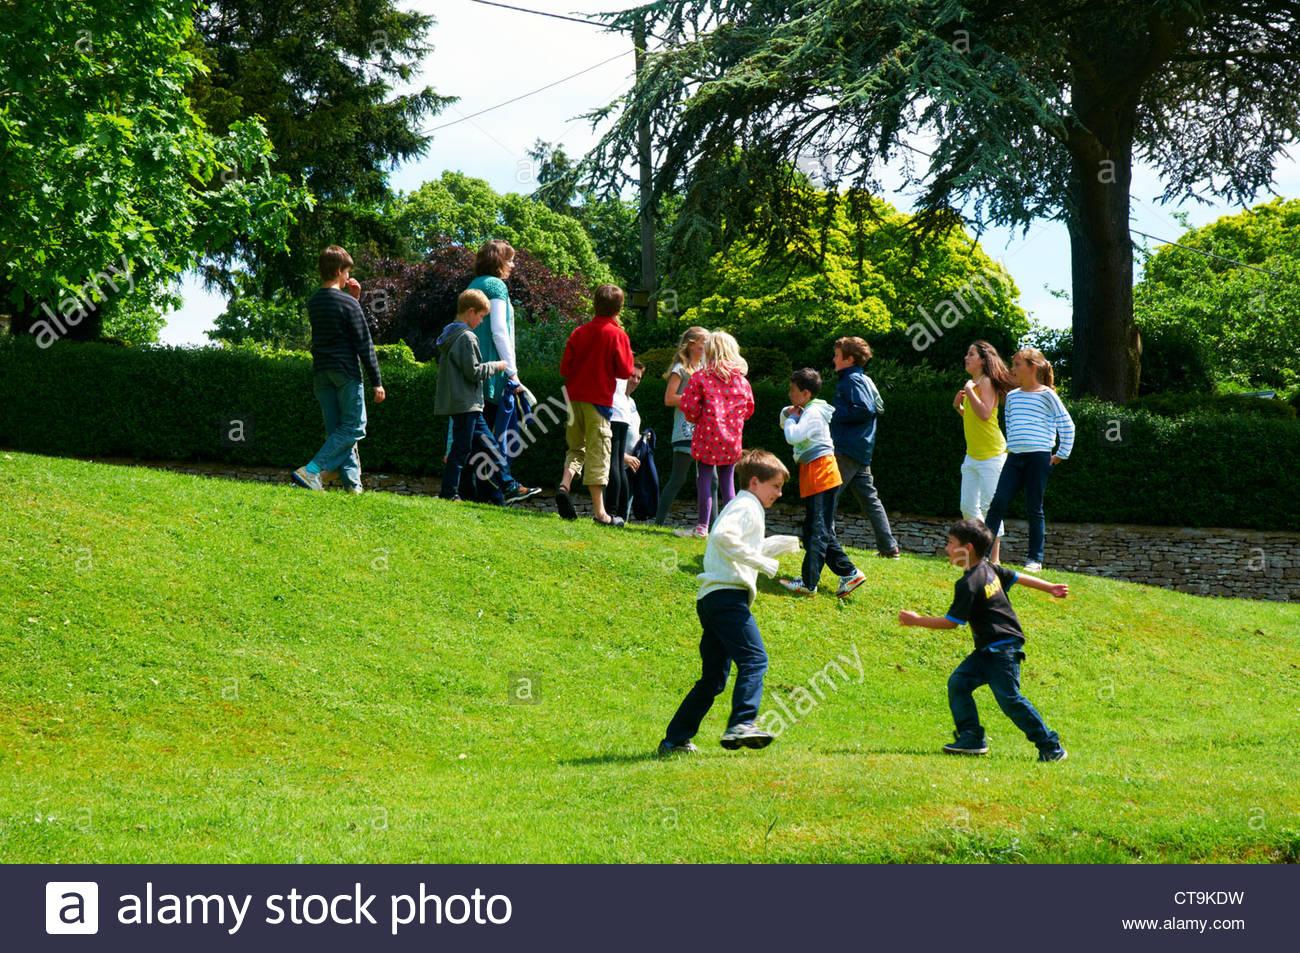 Un Grupo De Ninos Jugando Juegos Al Aire Libre En Un Pueblo Verde